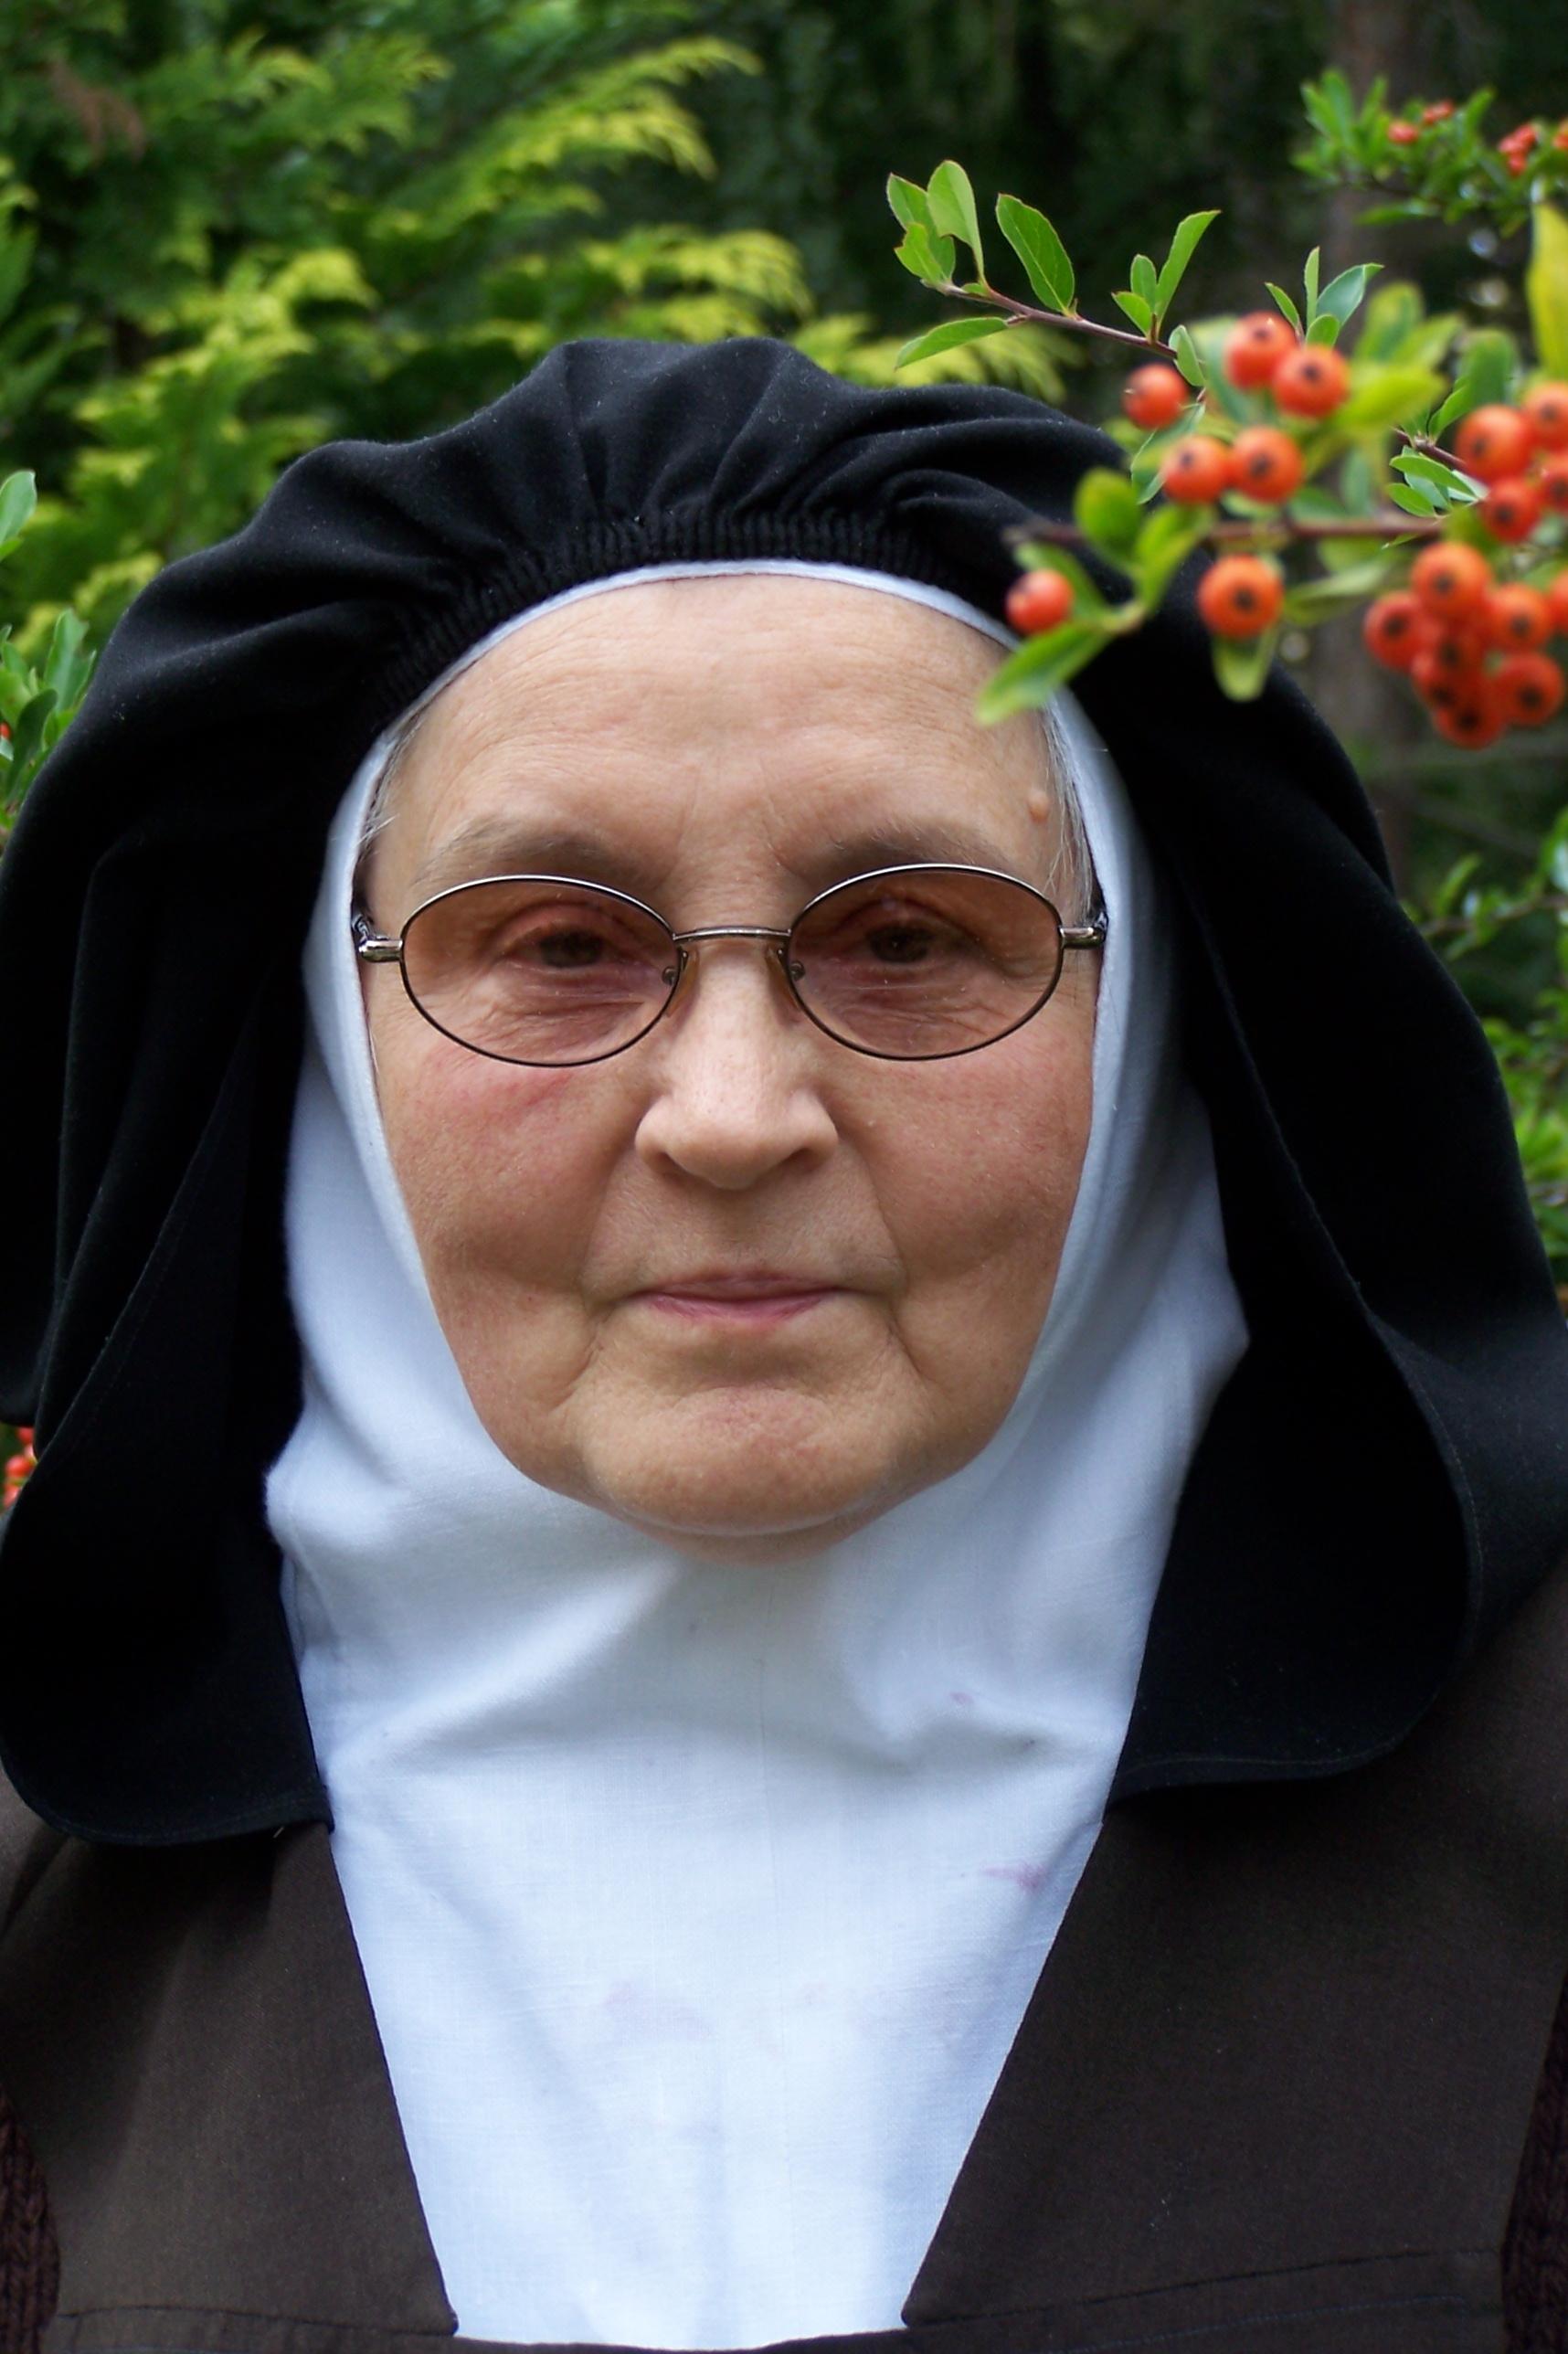 Maria Krystyna